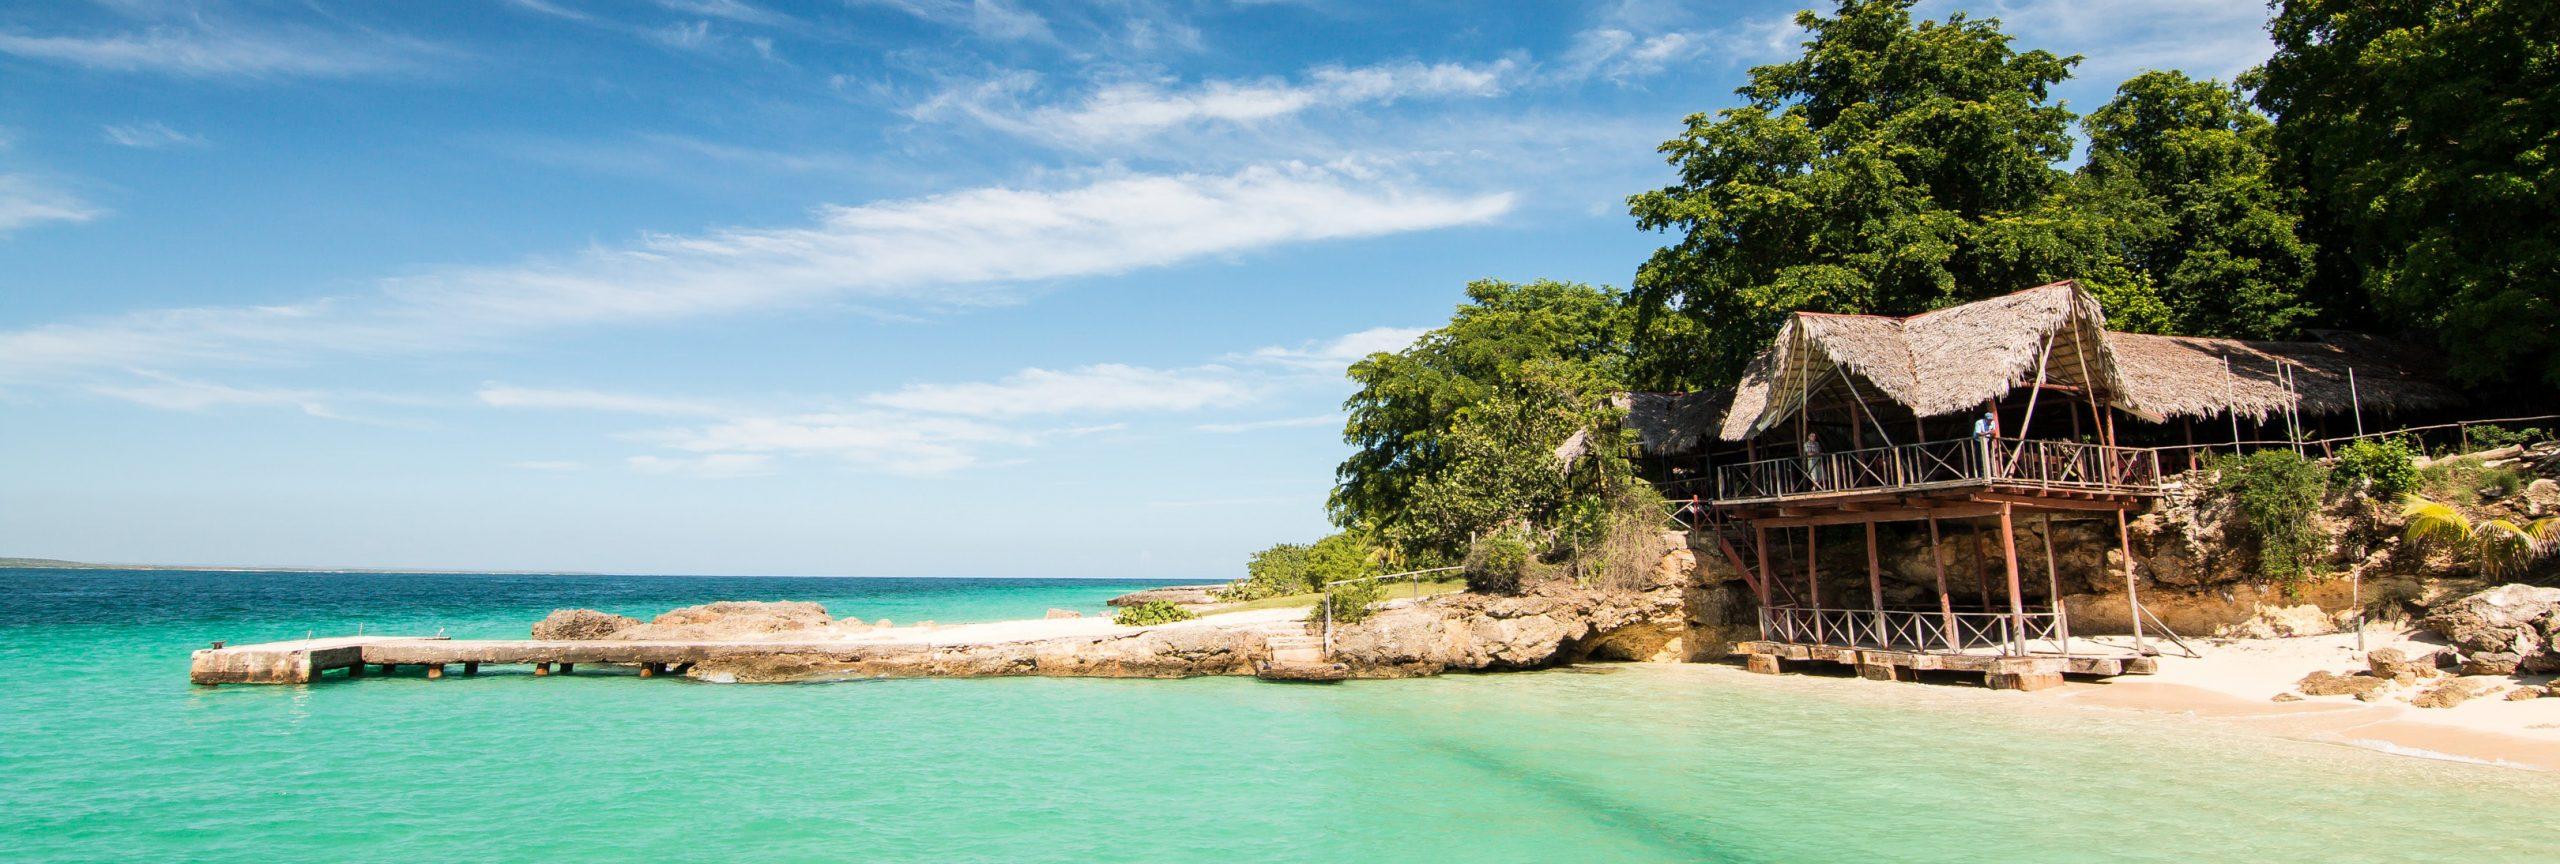 Cuba strand - De Planeet Reizen